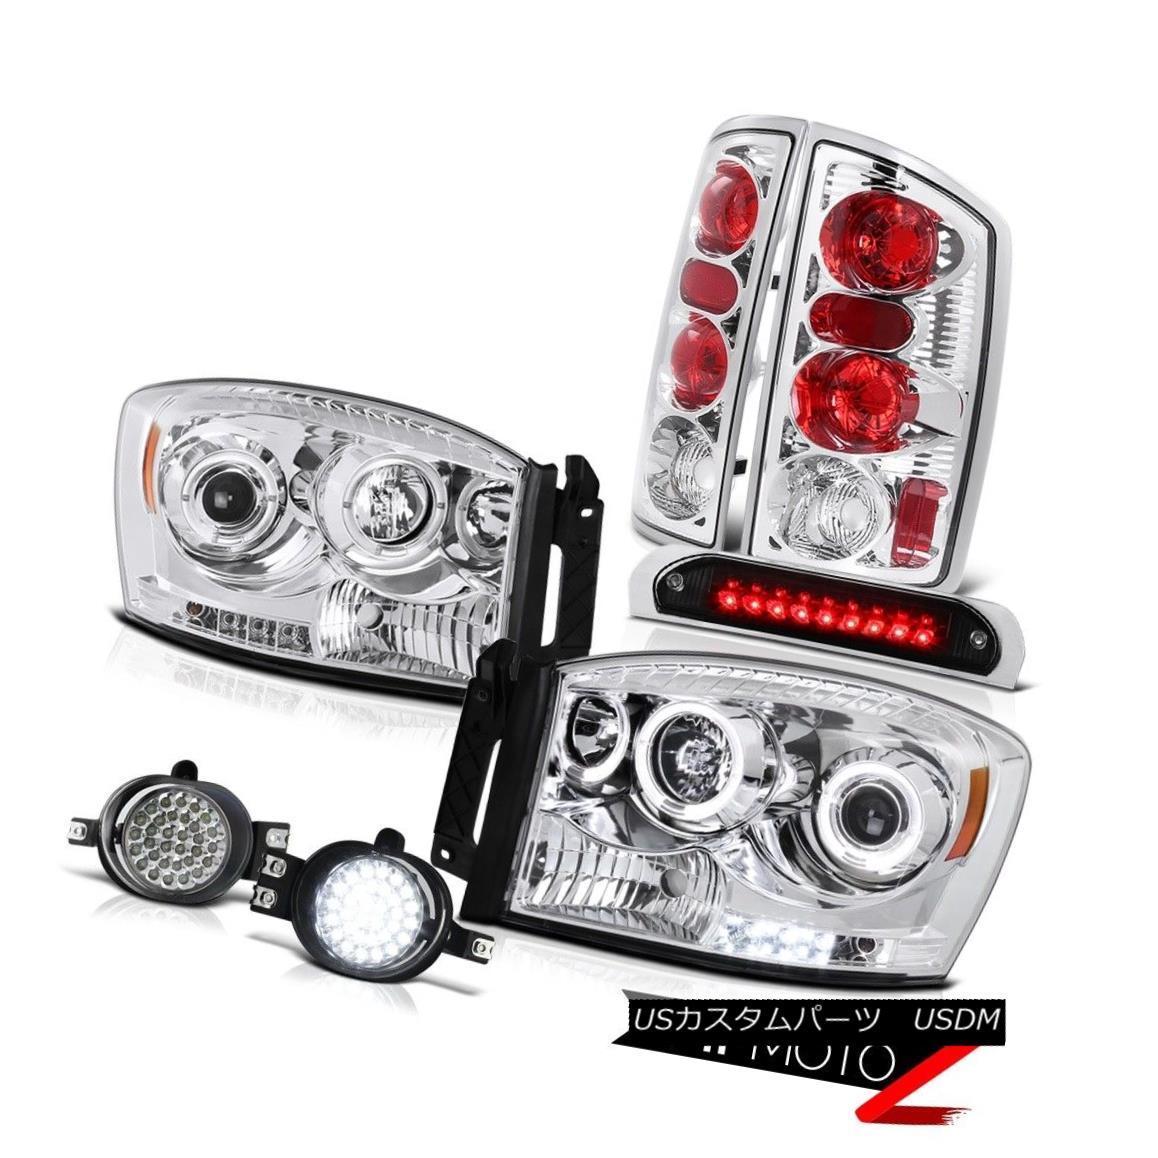 テールライト 2006 Ram TurboDiesel 2X Halo Headlights Tail Lights LED Driving Foglights 3rd 2006 Ram Turbo Diesel 2X HaloヘッドライトテールライトLEDドライビングフォグライト3